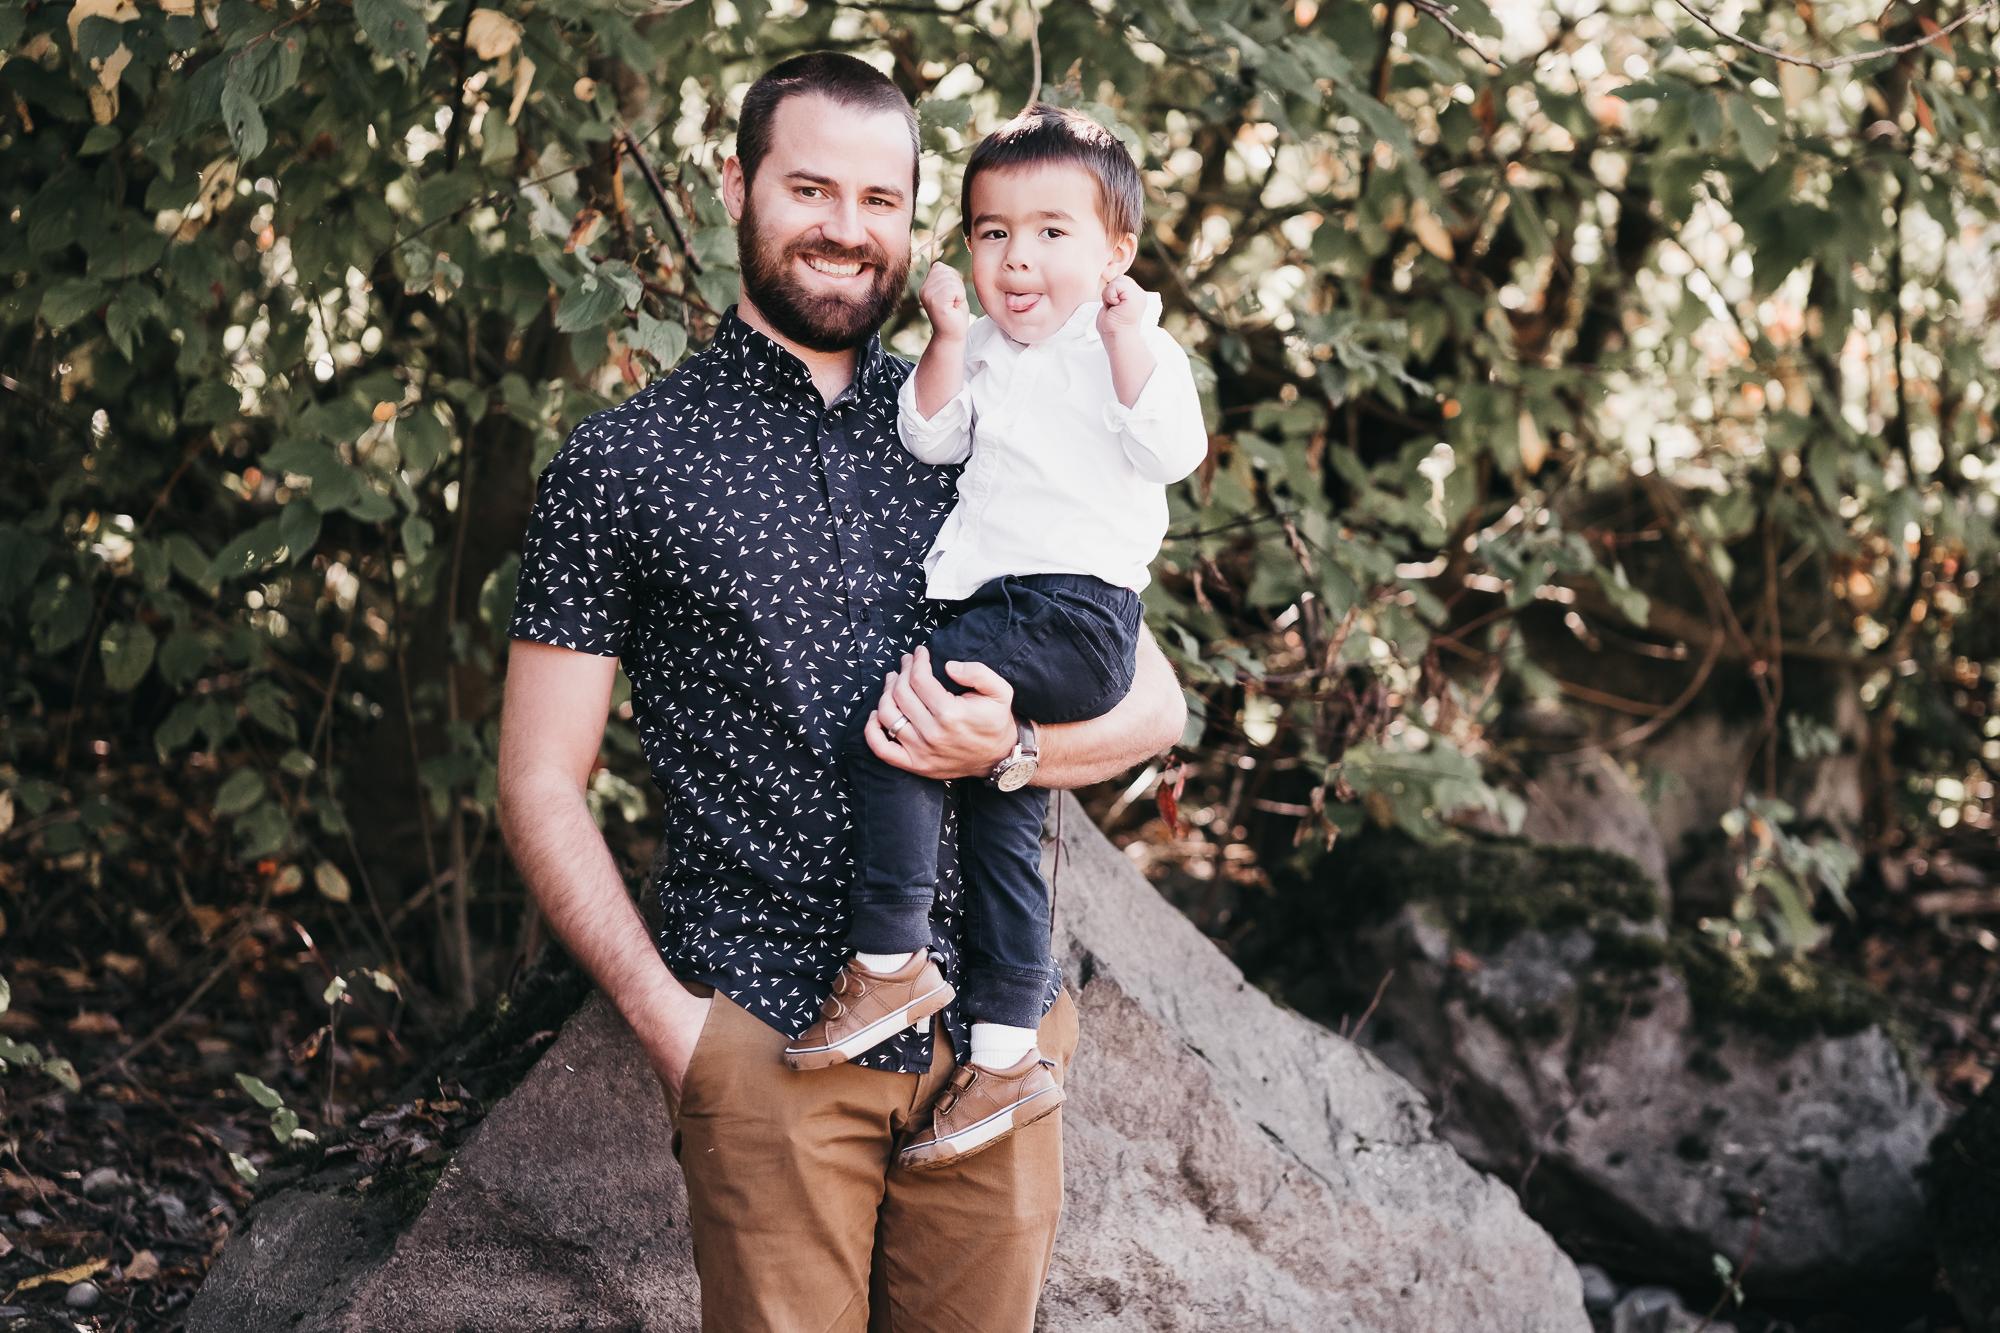 cole family photos 2018-109.jpg